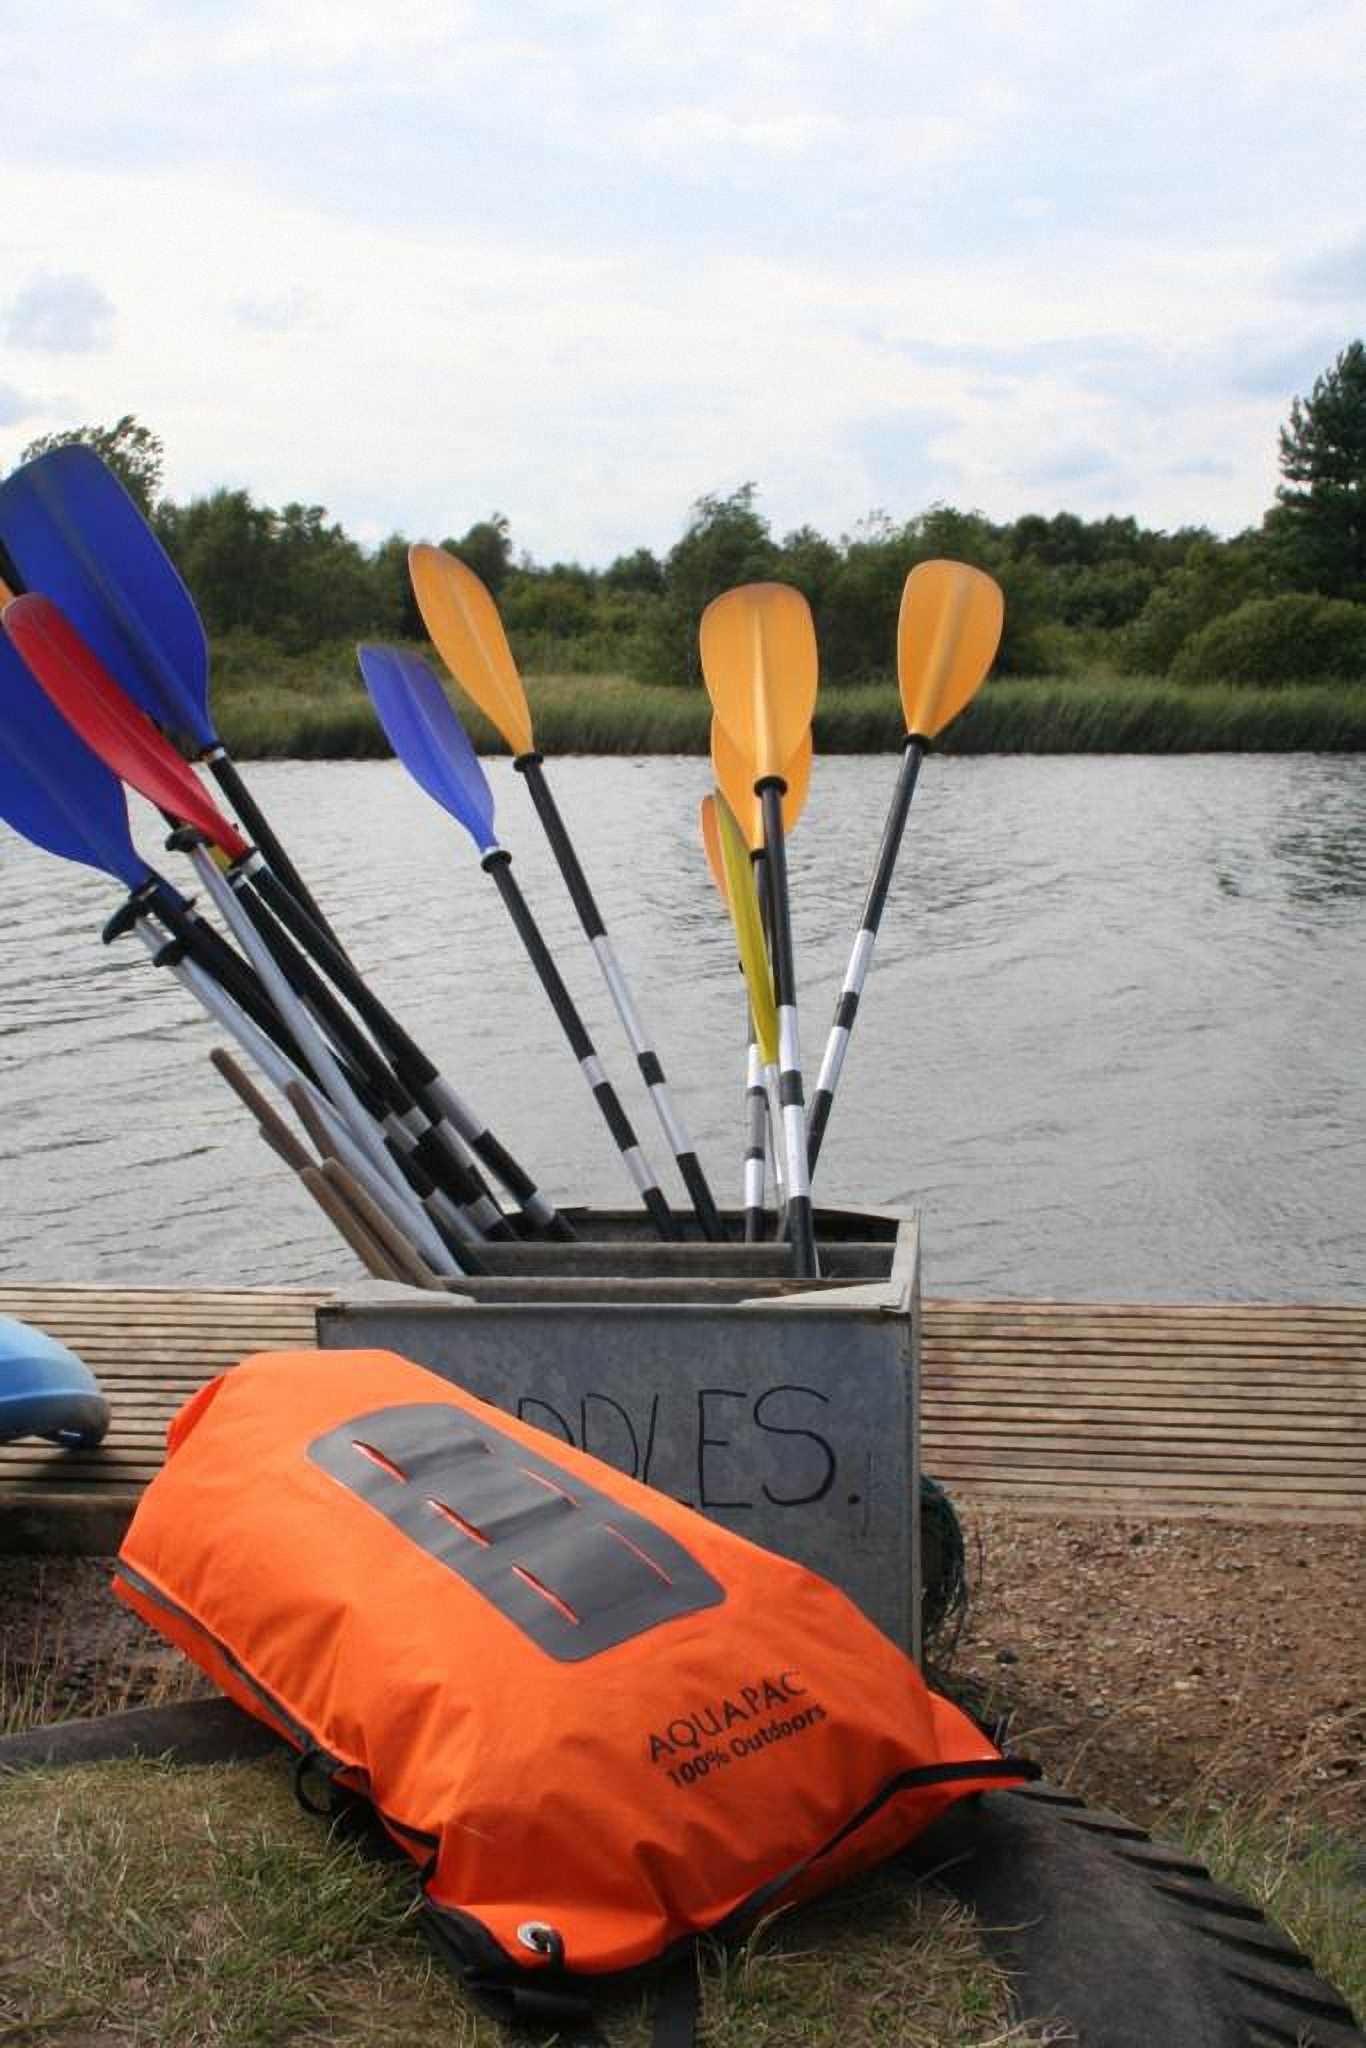 Водонепроницаемый гермомешок-рюкзак (с двумя плечевыми ремнями) Aquapac 770 - Noatak Wet & Drybag - 25L.. Aquapac - №1 в мире водонепроницаемых чехлов и сумок. Фото 11